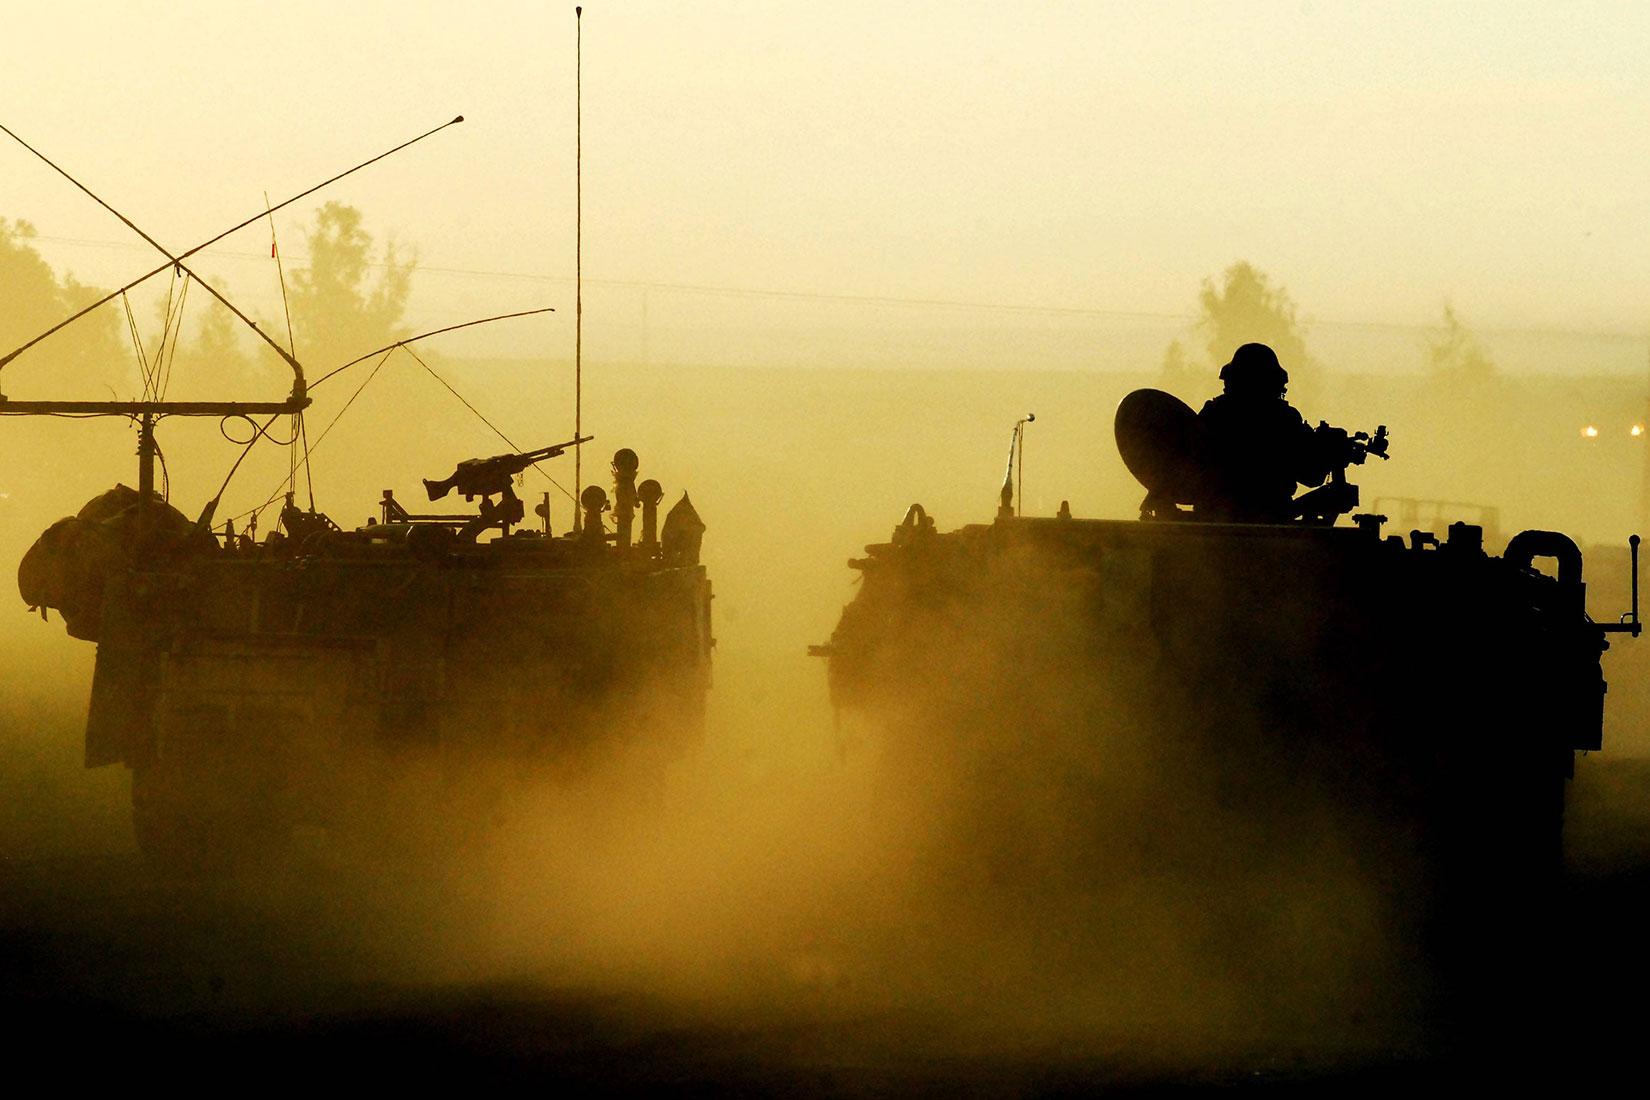 緊張高まるリビア紛争Ⅱ-欧米の分裂が妨げる安定化